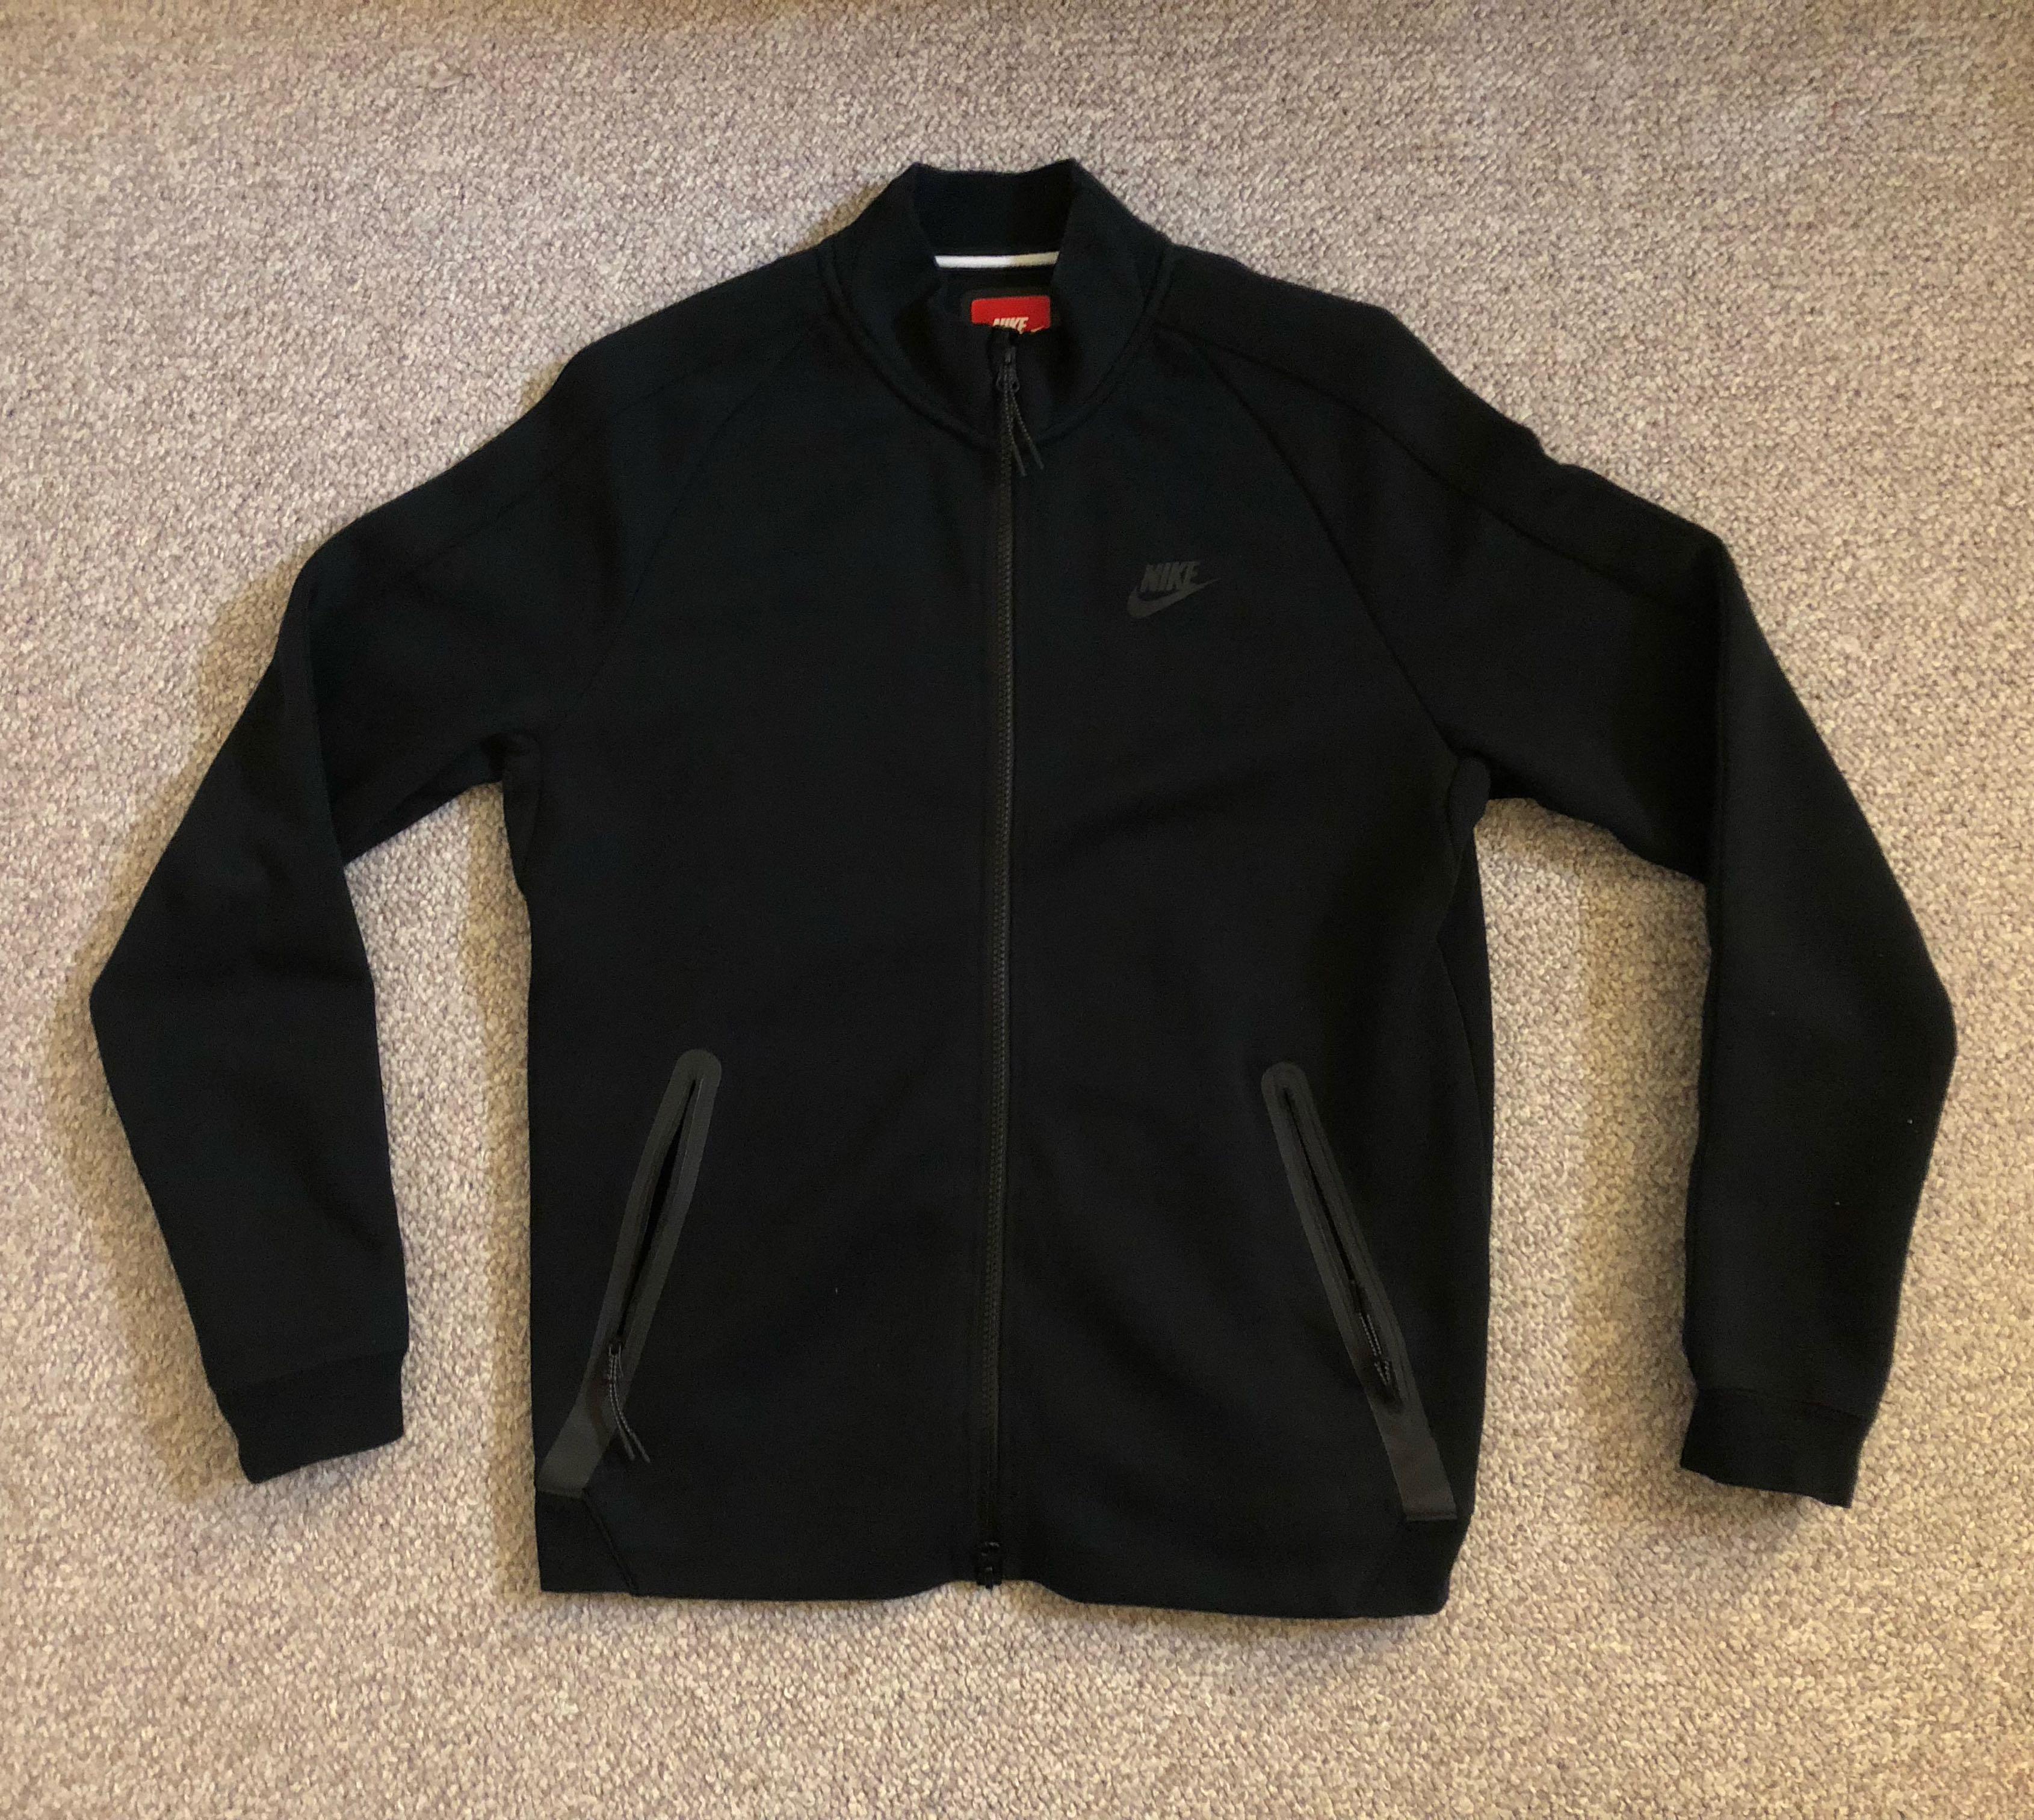 Nike Tech Fleece N98 Black Jacket